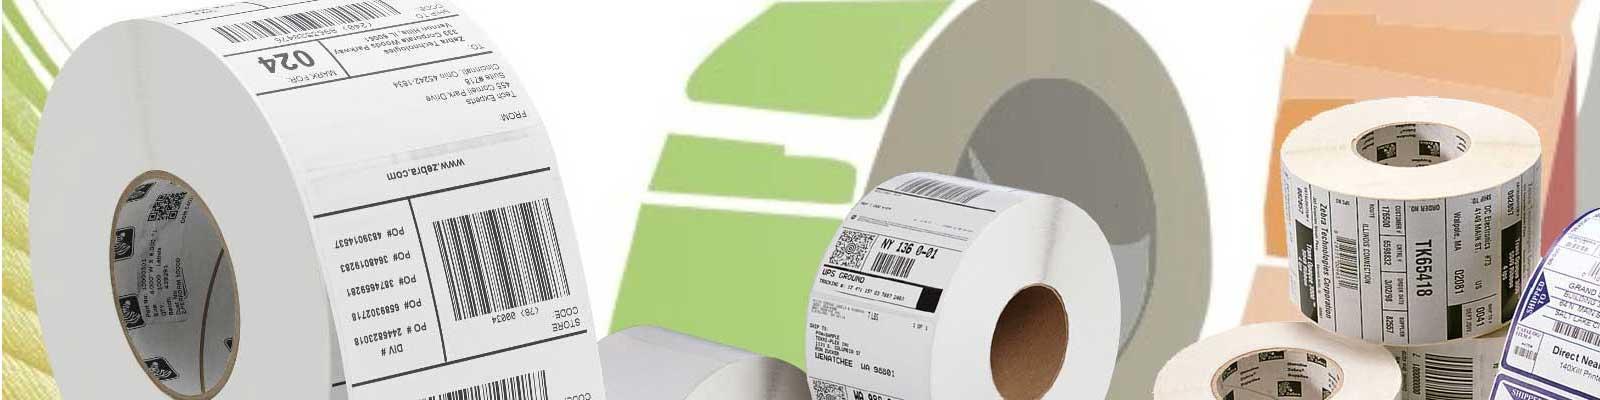 Etiquetas Impresoras Meto